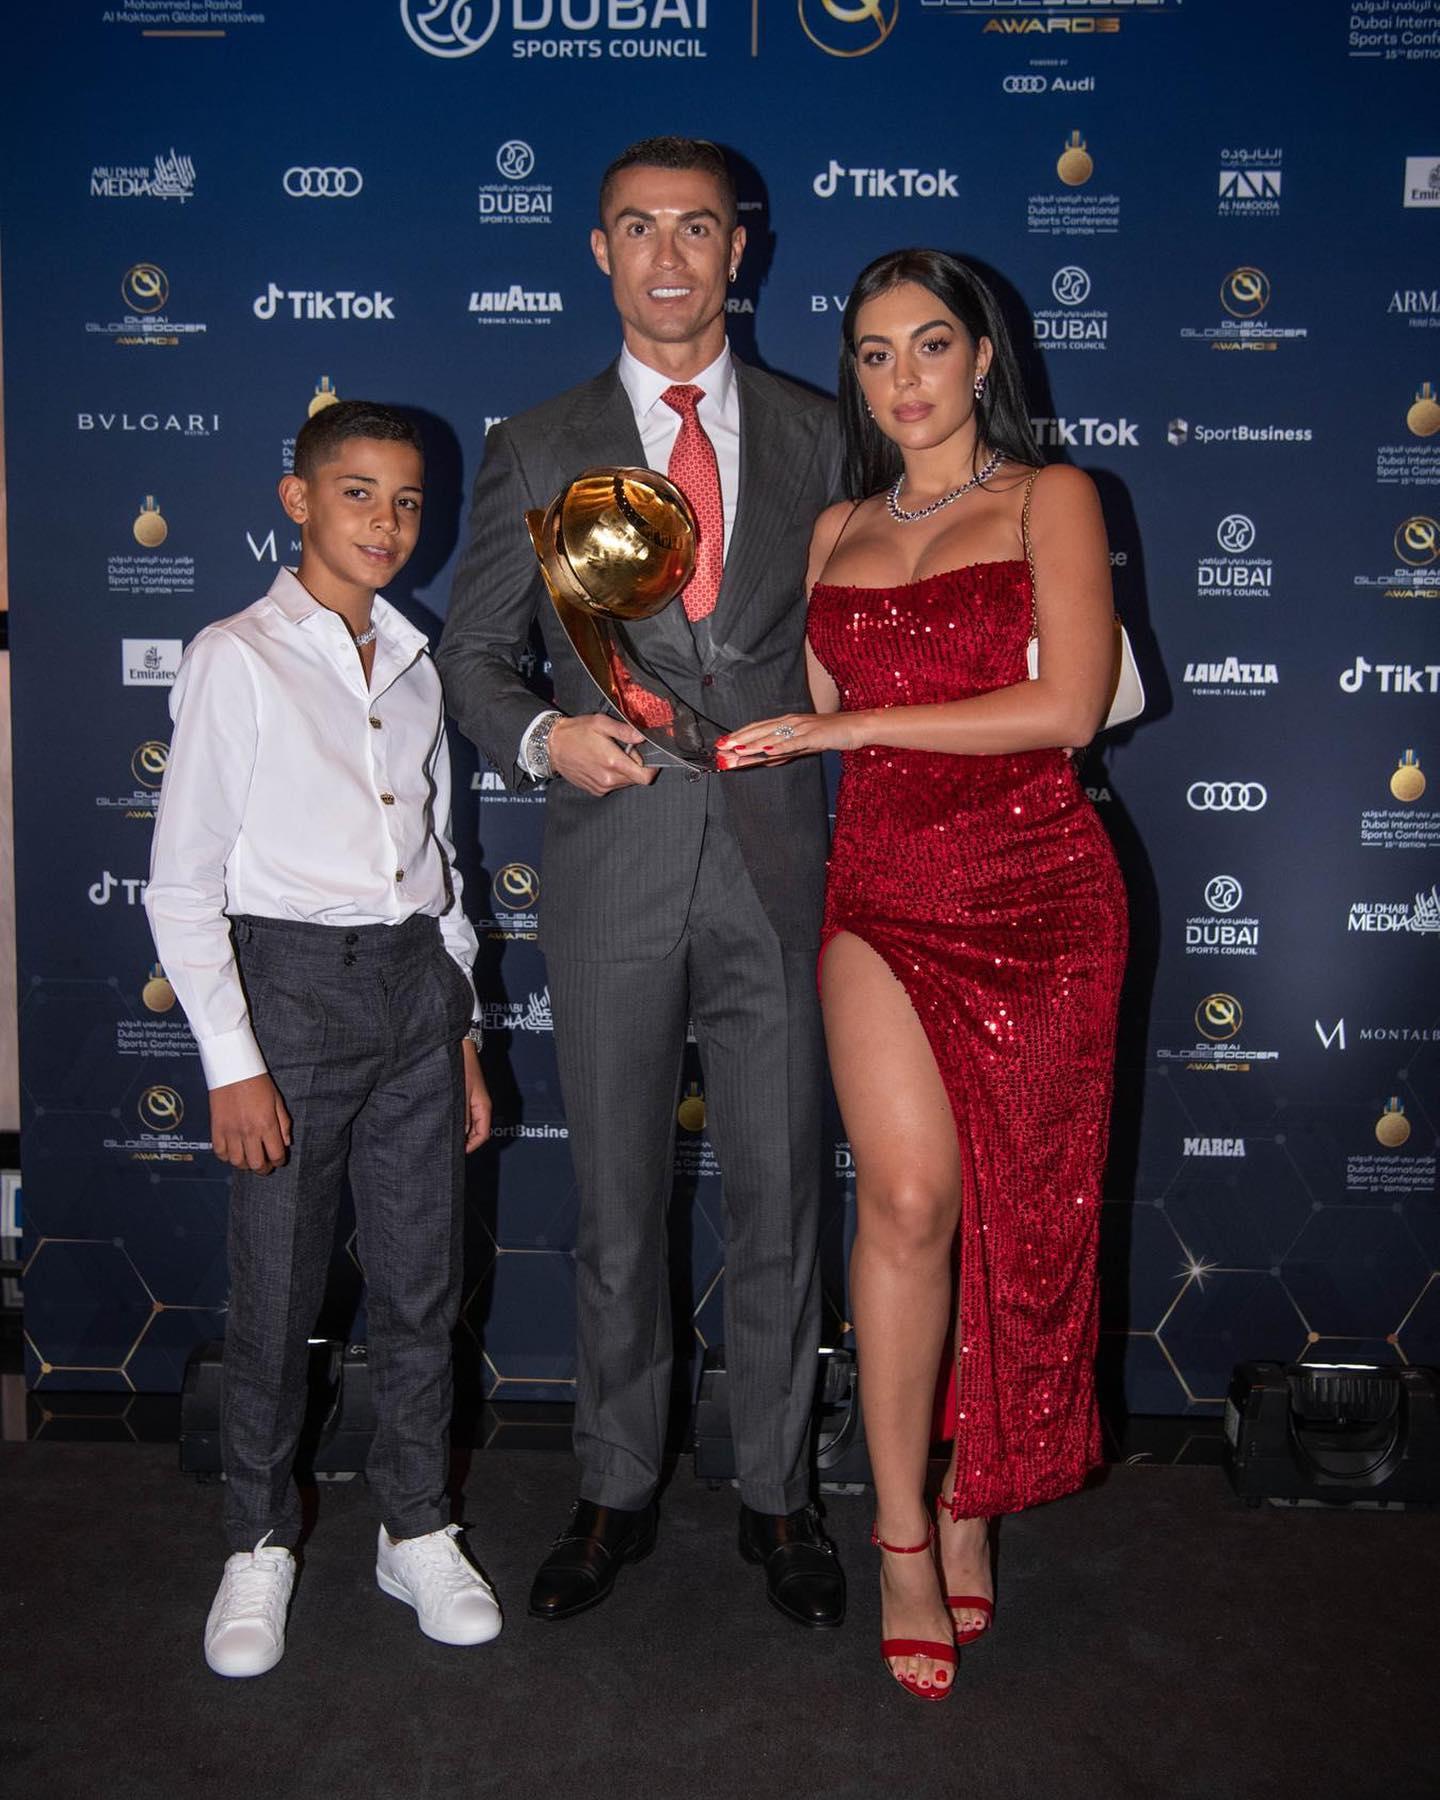 Cristiano Ronaldo: Veremos si mi hijo llega a ser jugador, pero toma bebidas gaseosas y come papas fritas.